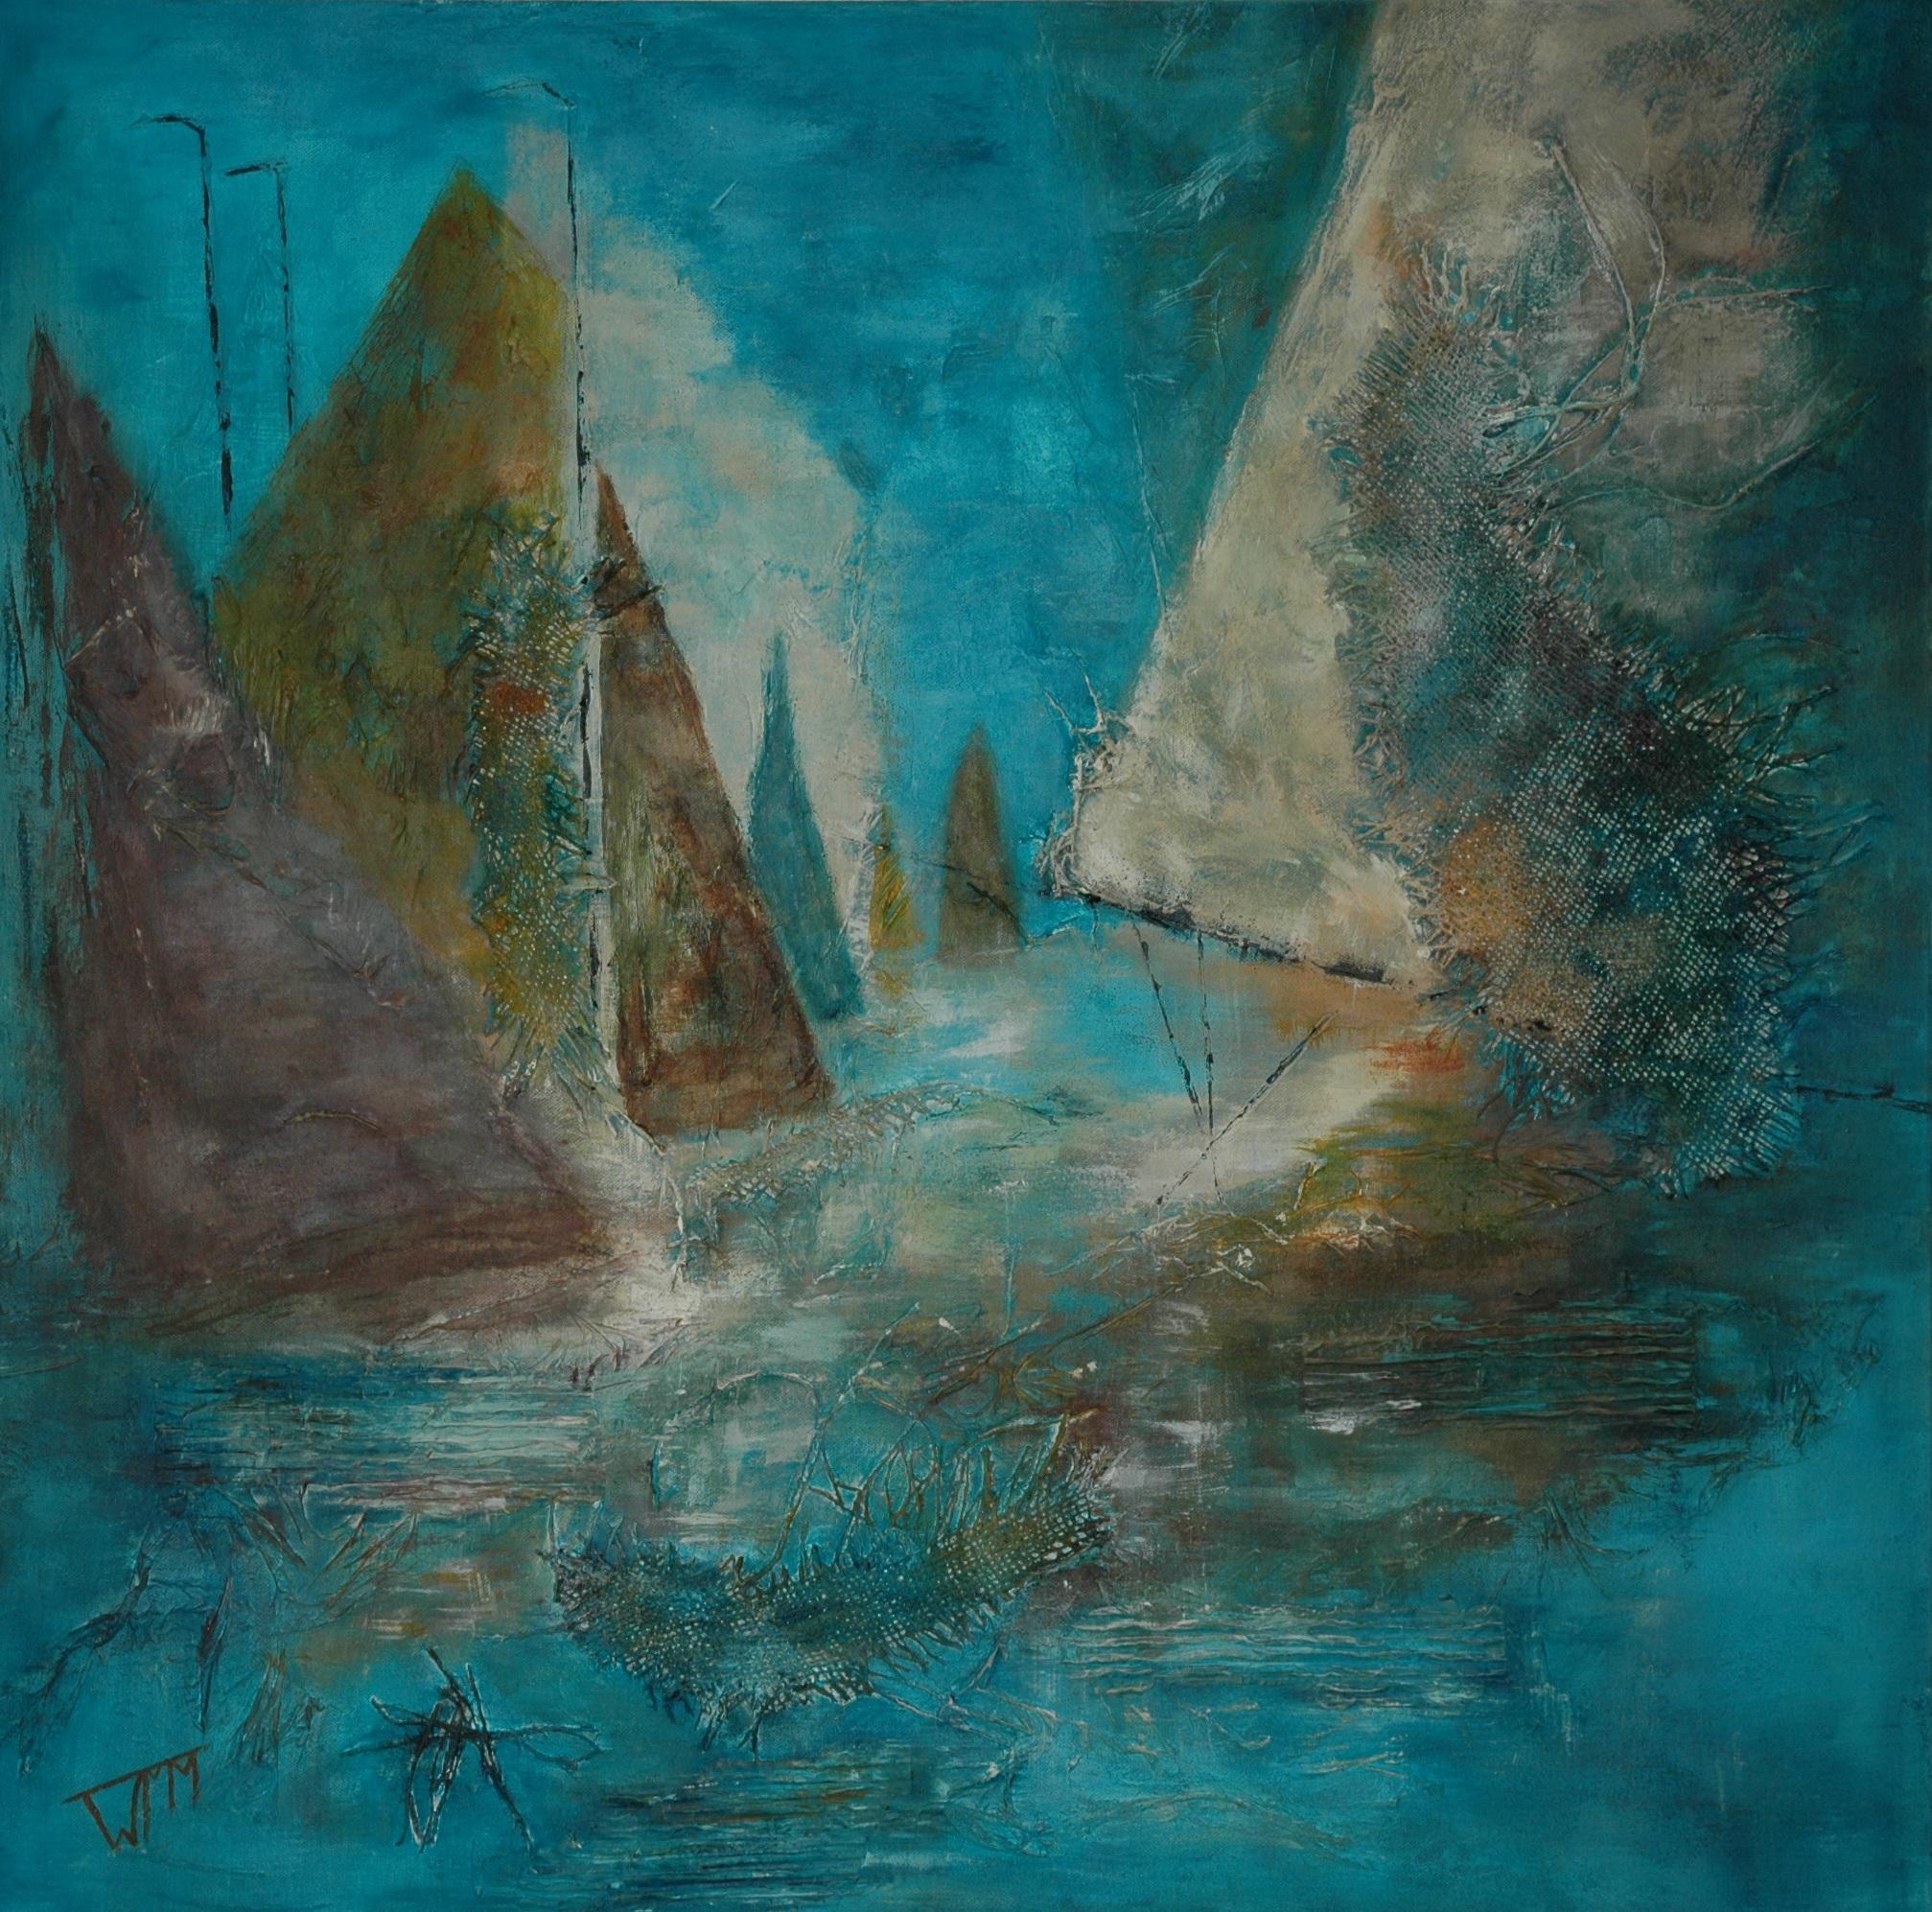 90 x 90 x 4cm, acryl op katoen, met gebruik van materialen (textuur), verkocht